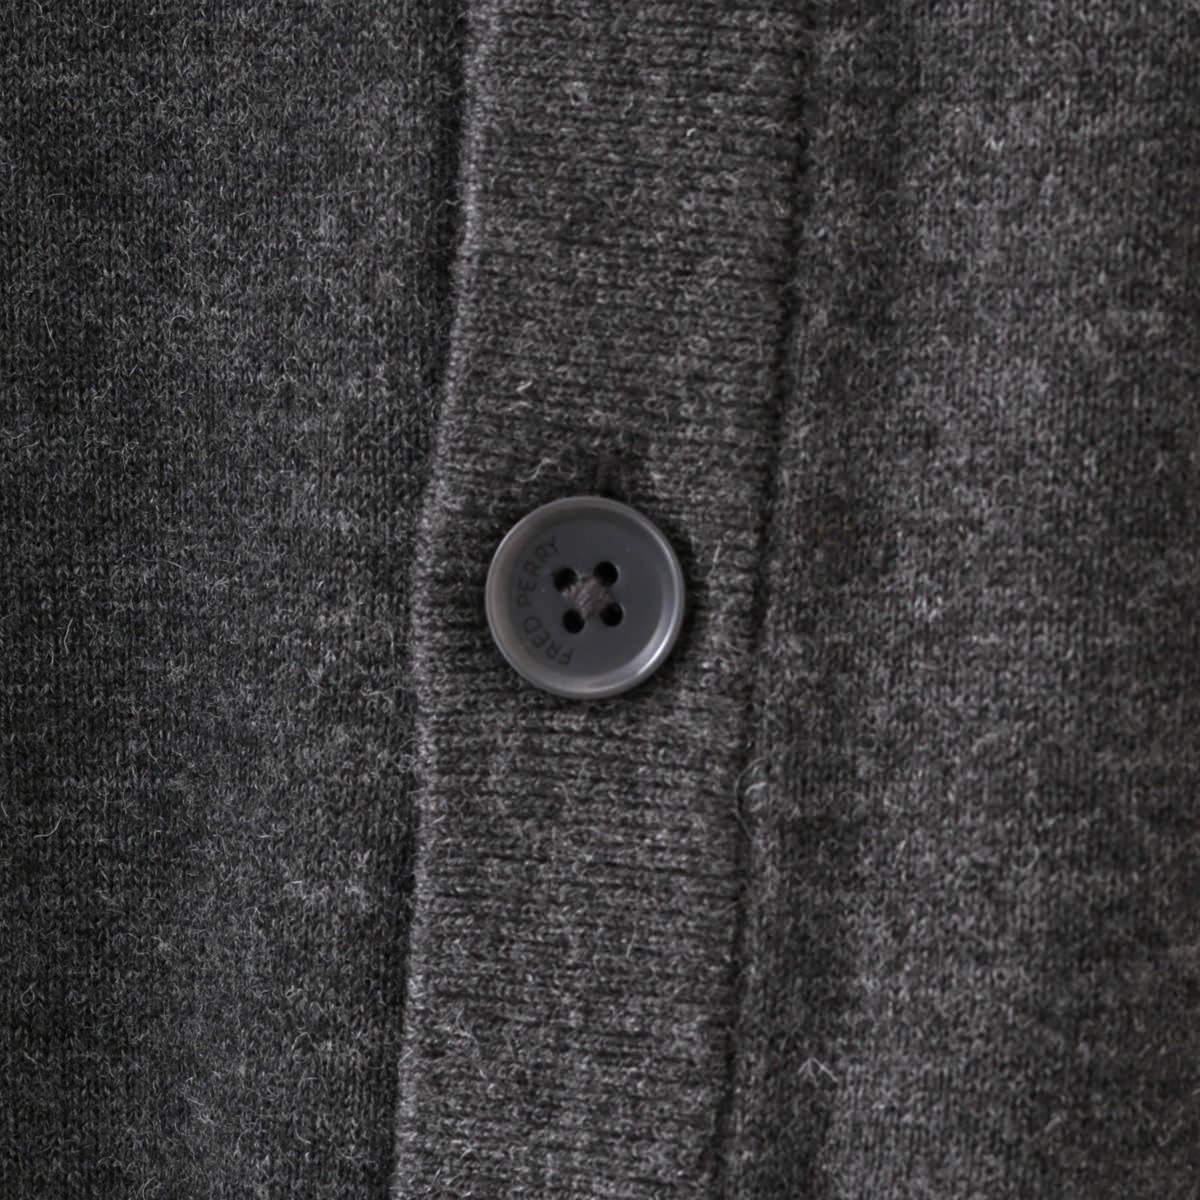 フレッドペリー 秋冬 メンズ カーディガン Vネック Fred Perry 2色 ブラック グラファイトマール 正規販売店 ギフト トラッド